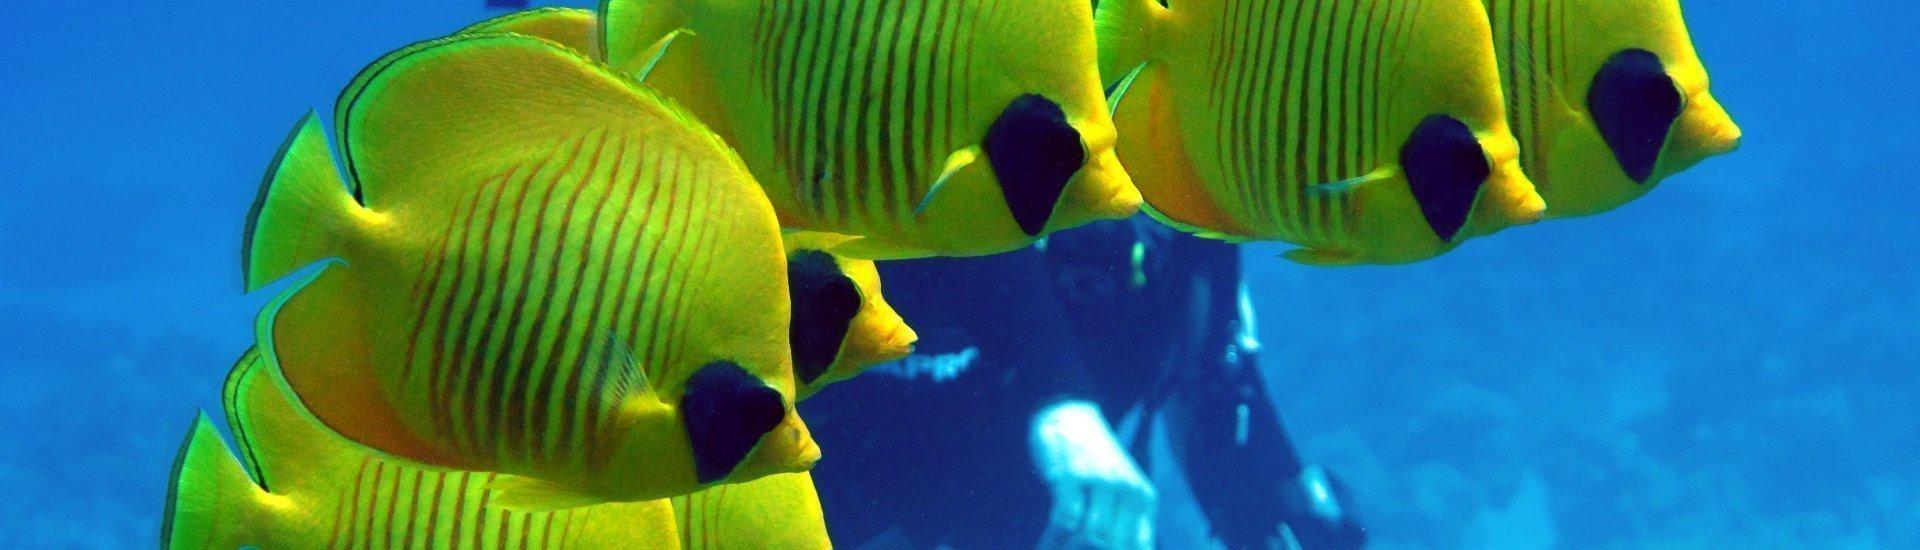 Podwodny świat - spotkanie autorskie, prezentacja filmu